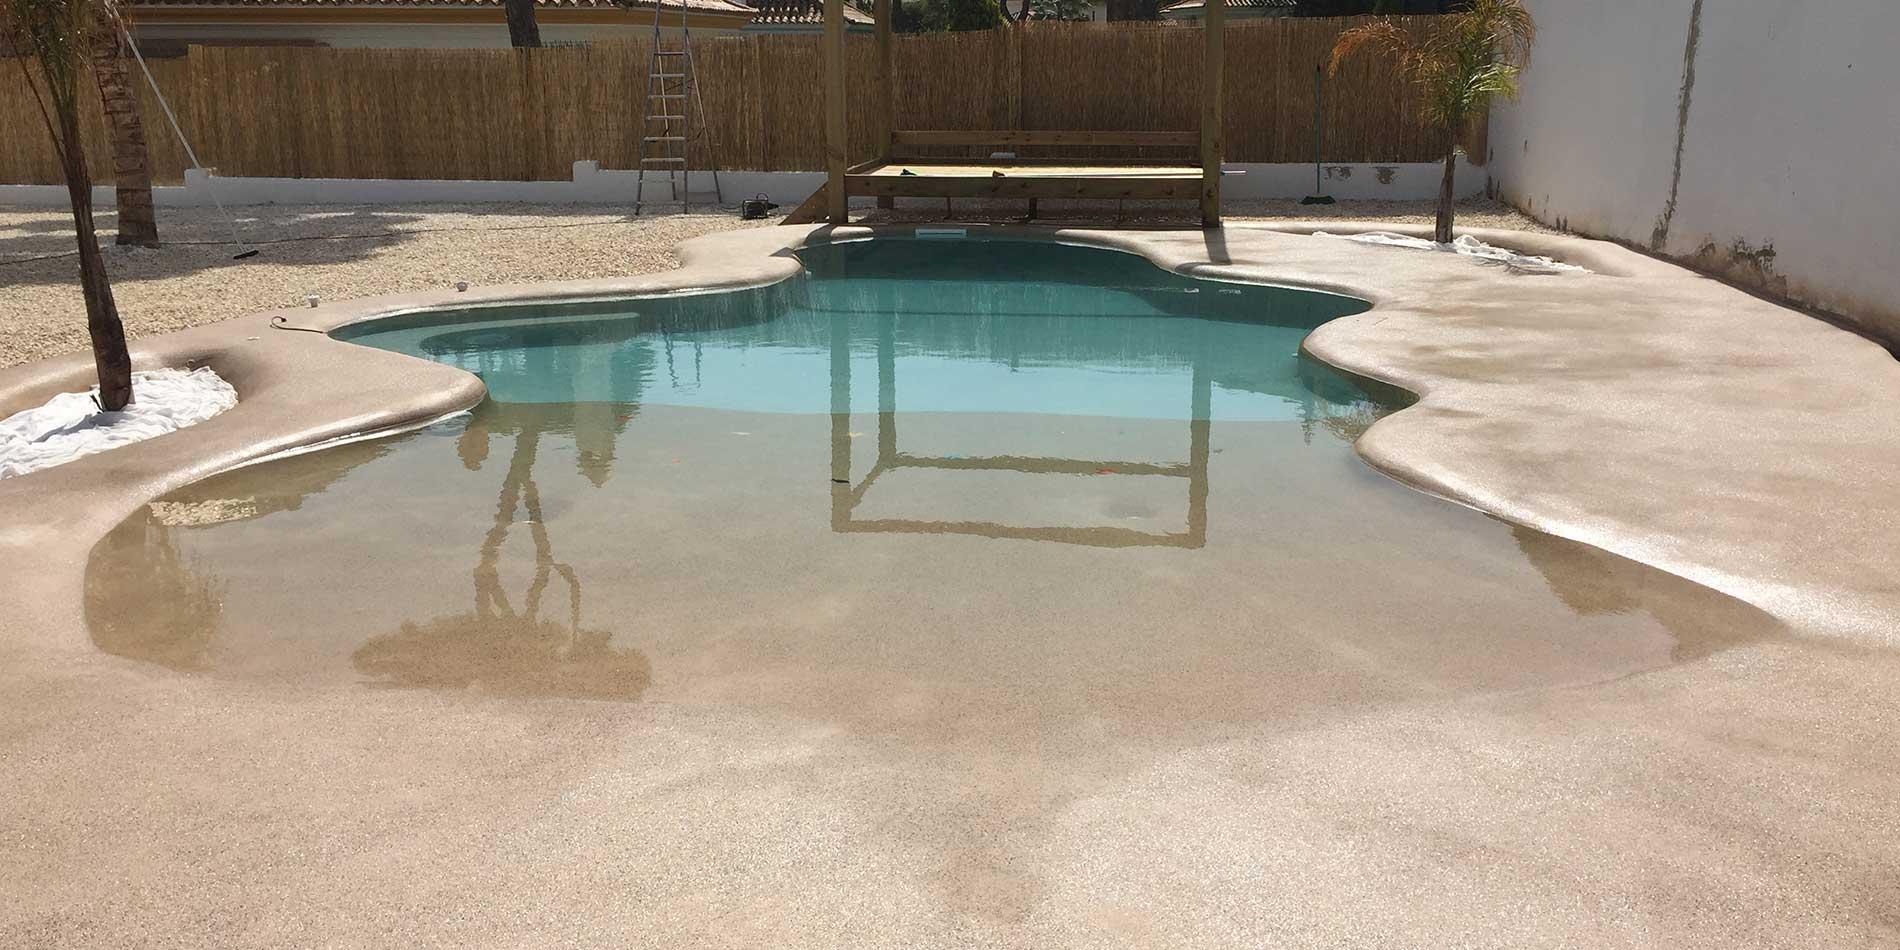 Piscinas en huelva construcci n de piscinas julypool for Construccion de piscinas de arena